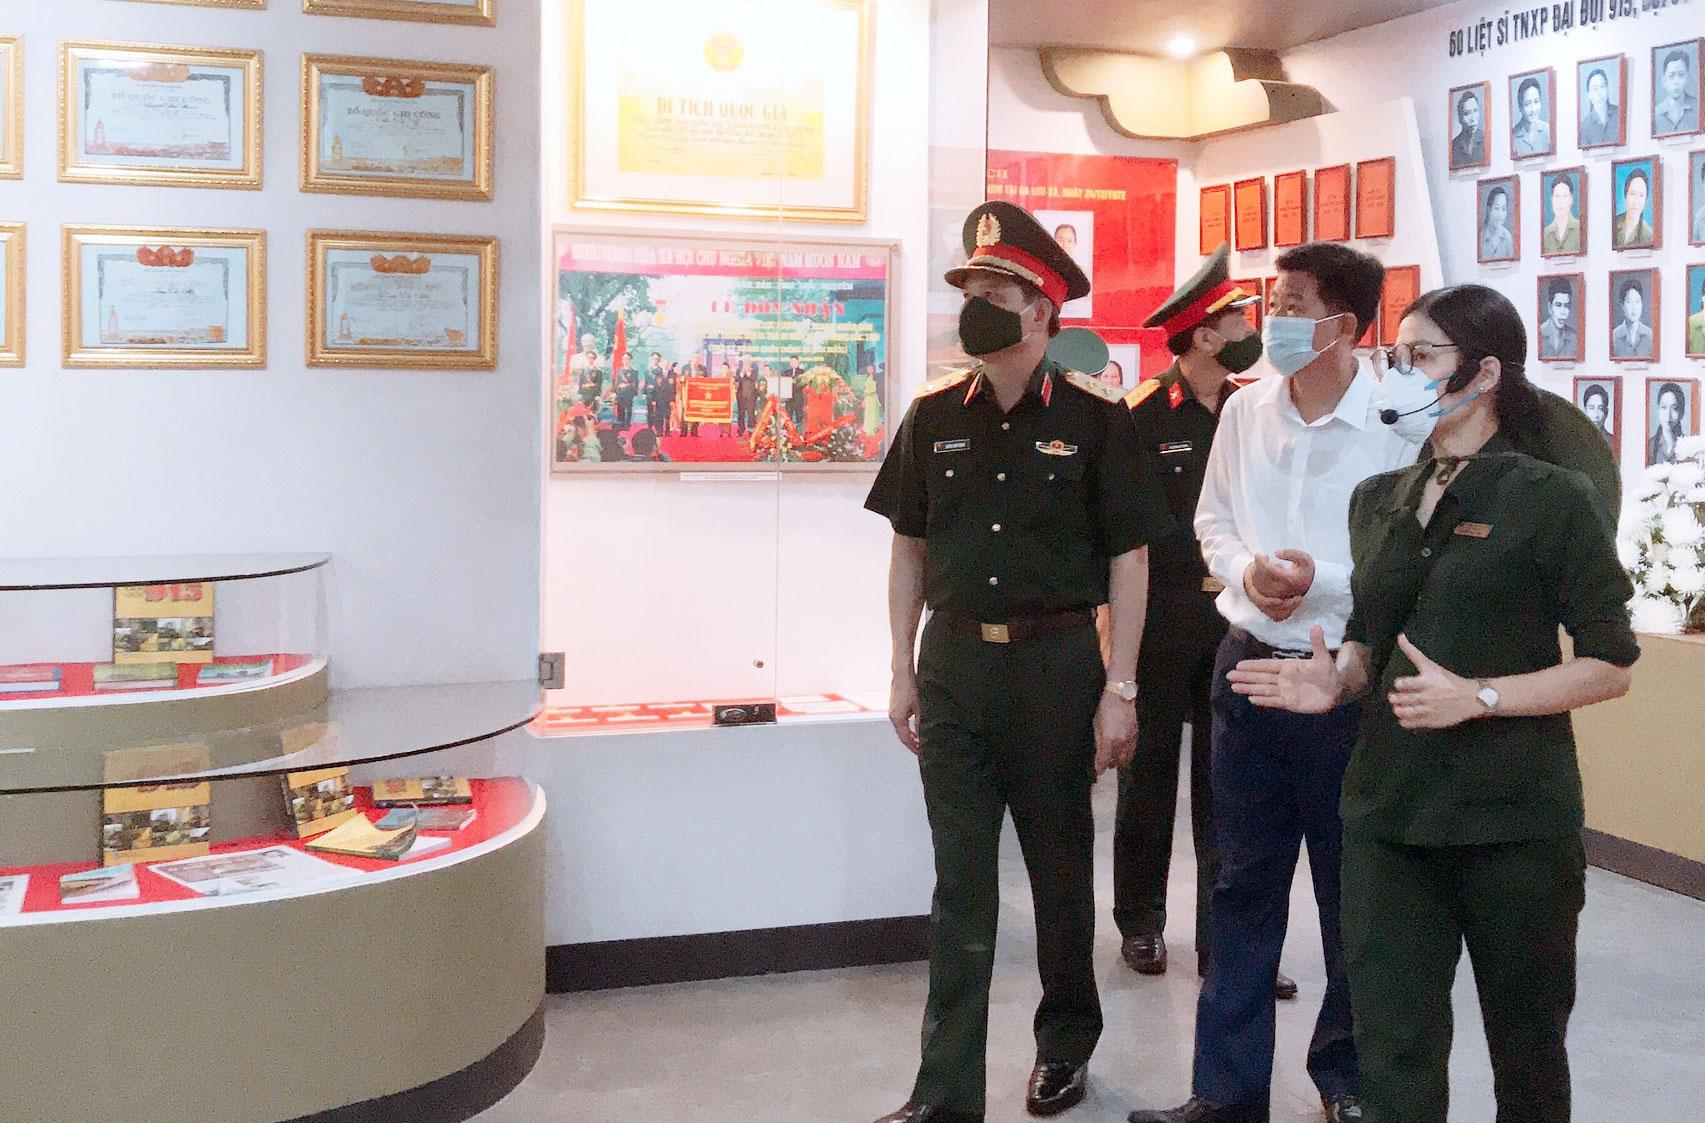 Khu Di tích lịch sử Quốc gia 60 liệt sĩ thanh niên xung phong Đại đội 915 (Thái Nguyên): Đón tiếp hơn 35.000 lượt du khách